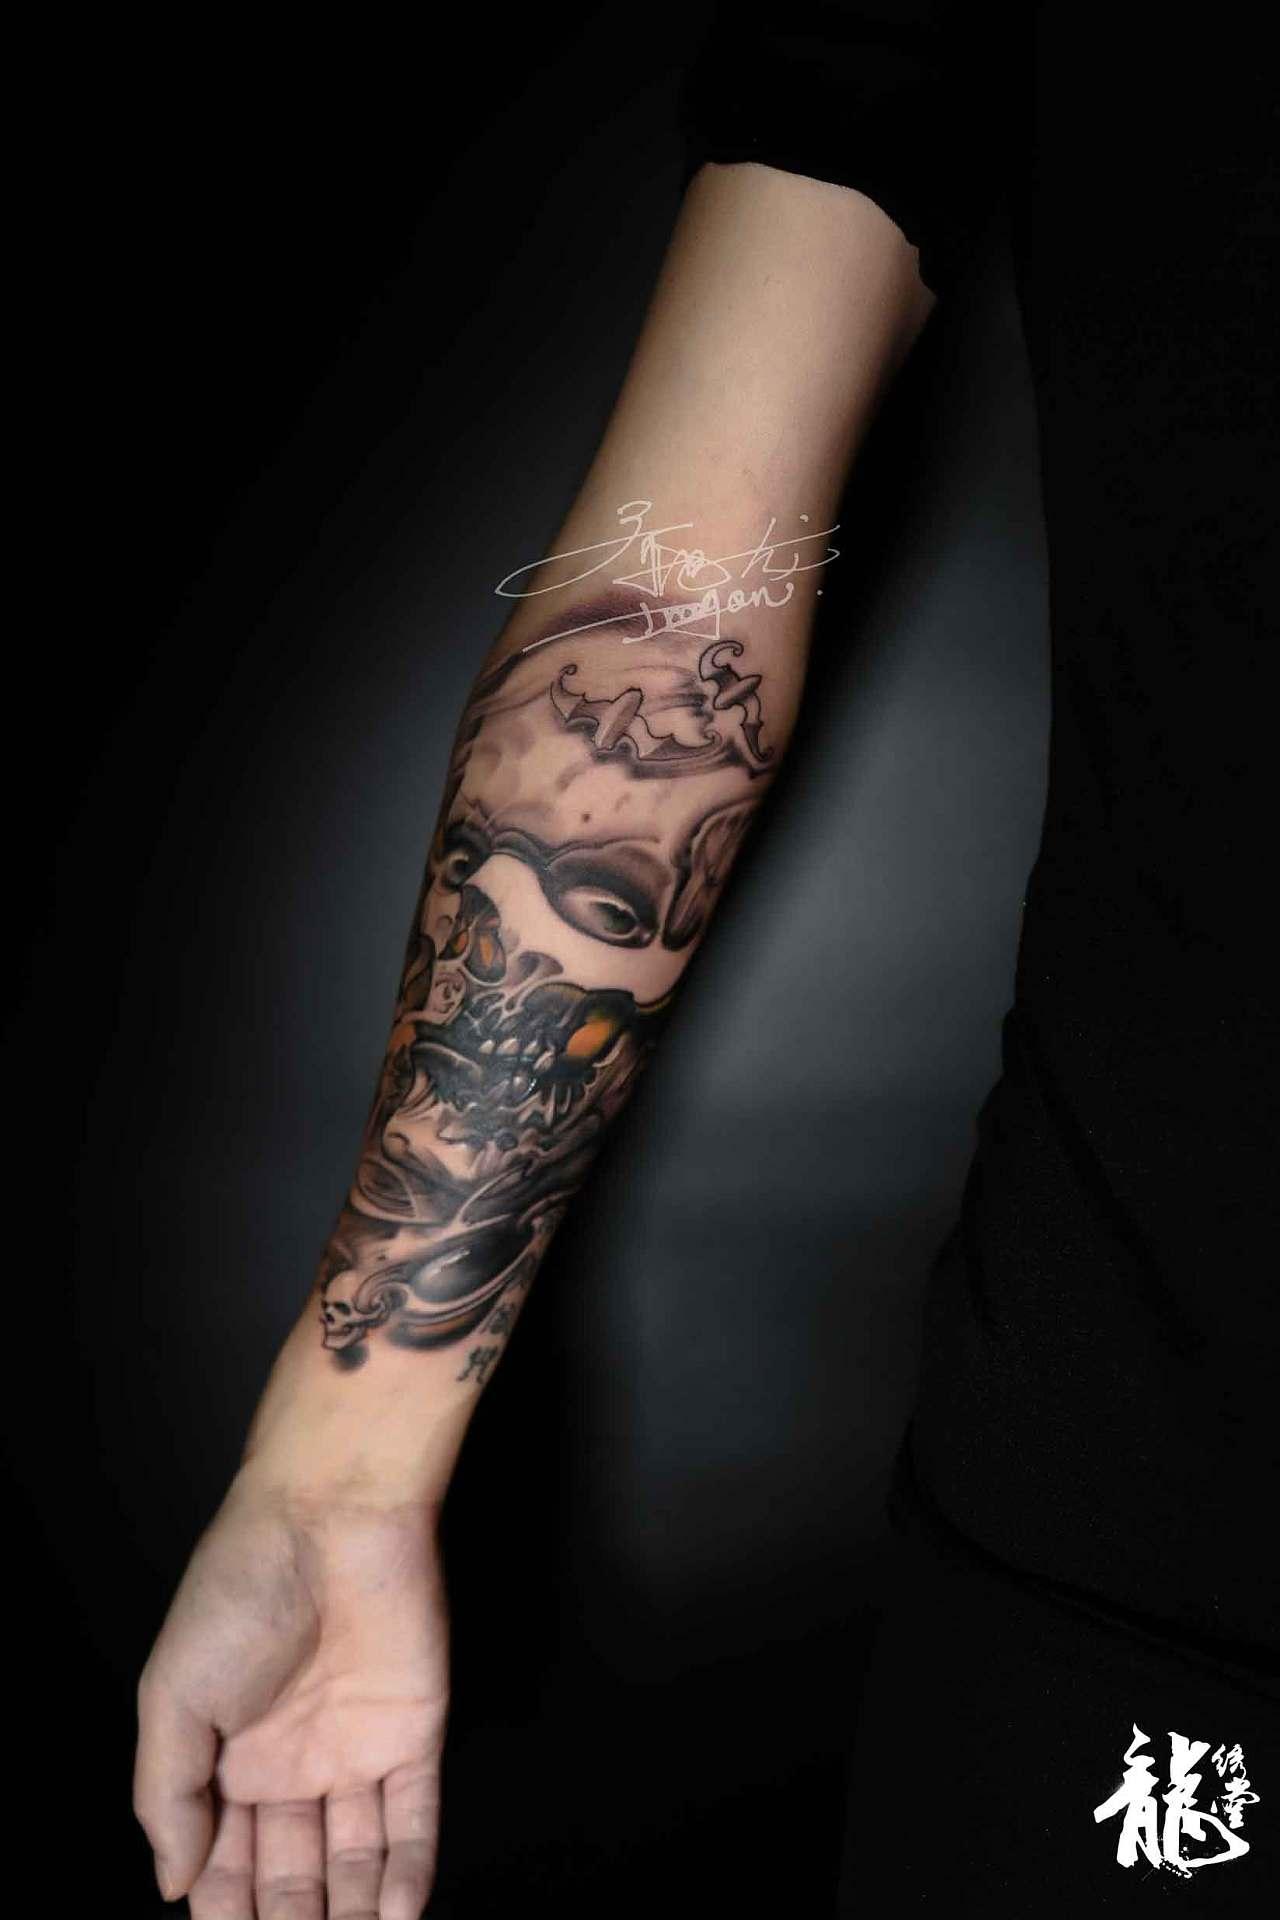 男人小臂人物骷髅黑灰素描肖像纹身图片